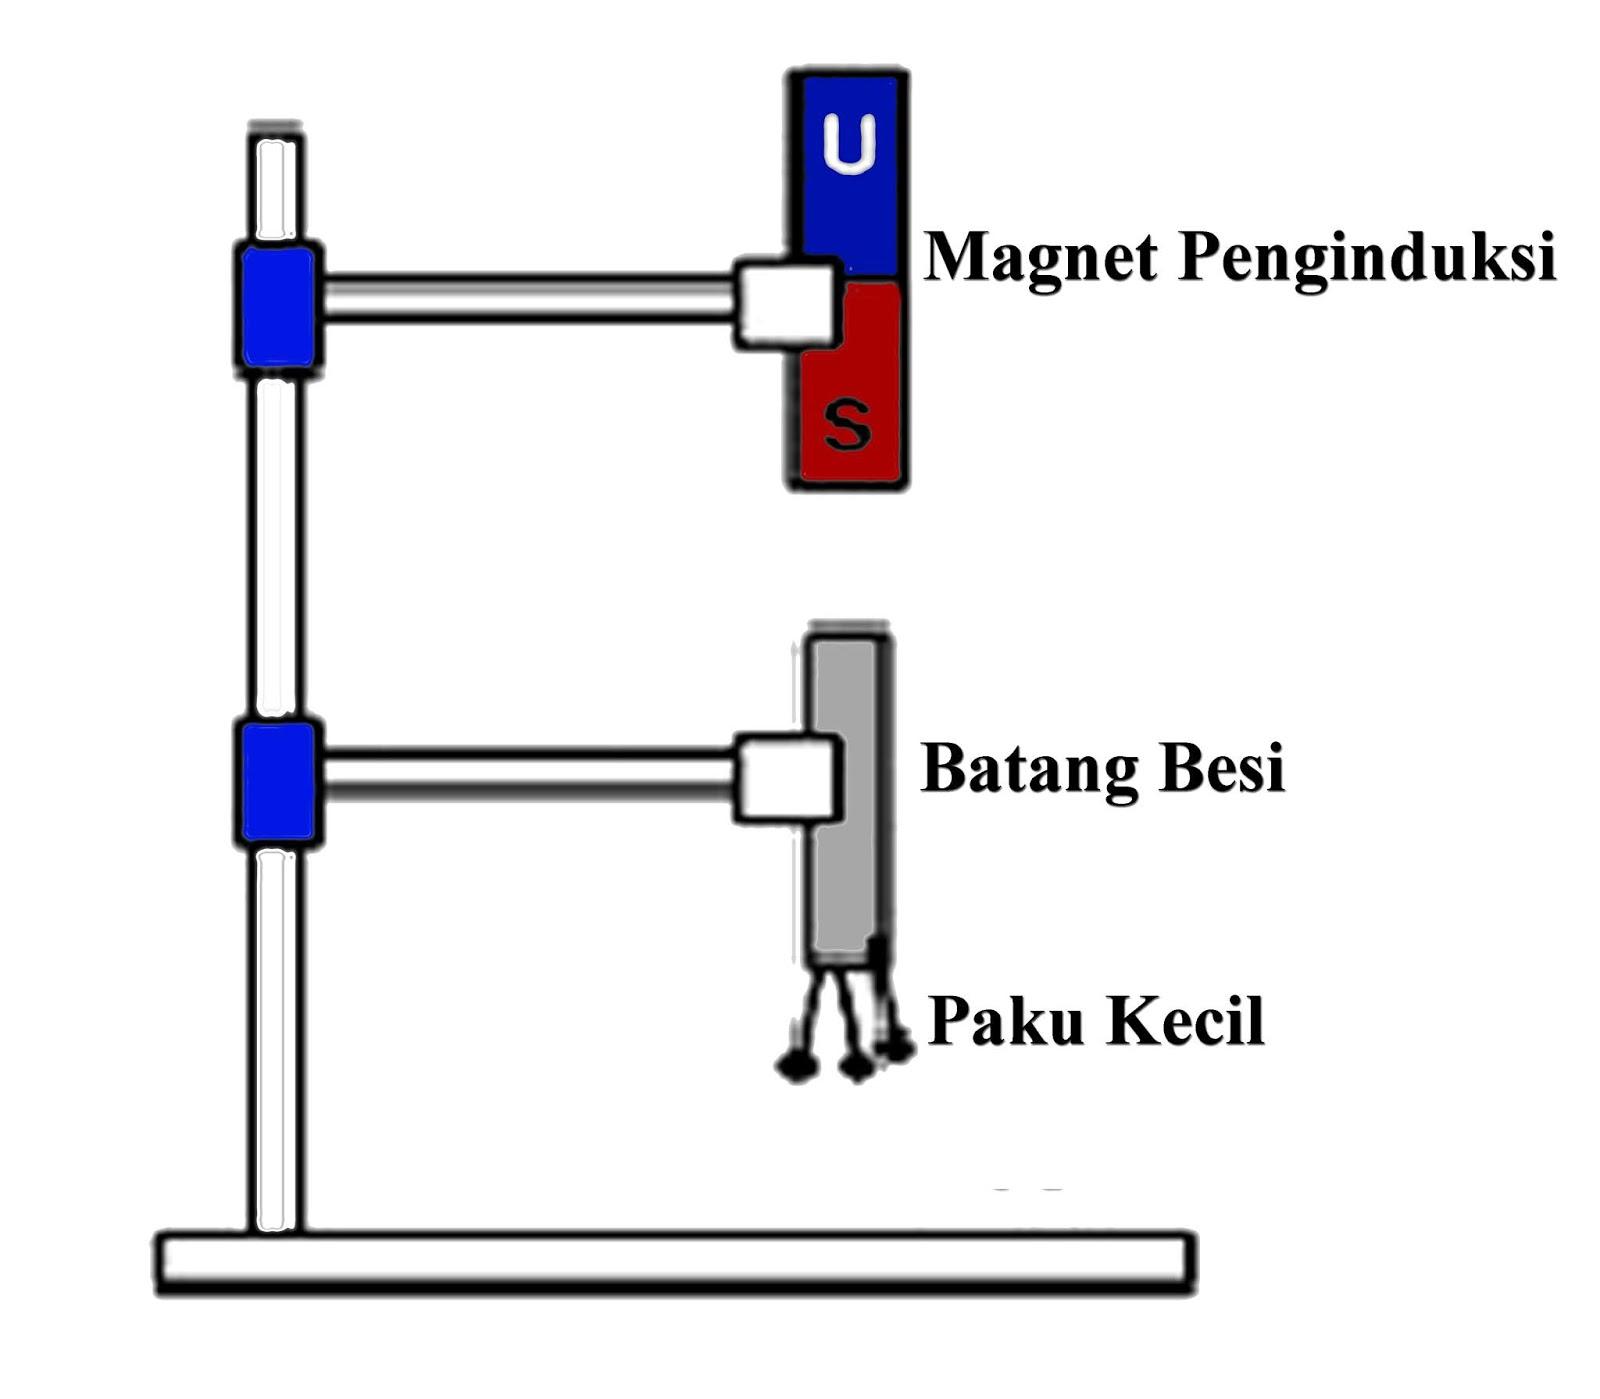 Cara Membuat Magnet Dengan Induksi Digosok Dan Elektromagnetik Lengkap Terbaru